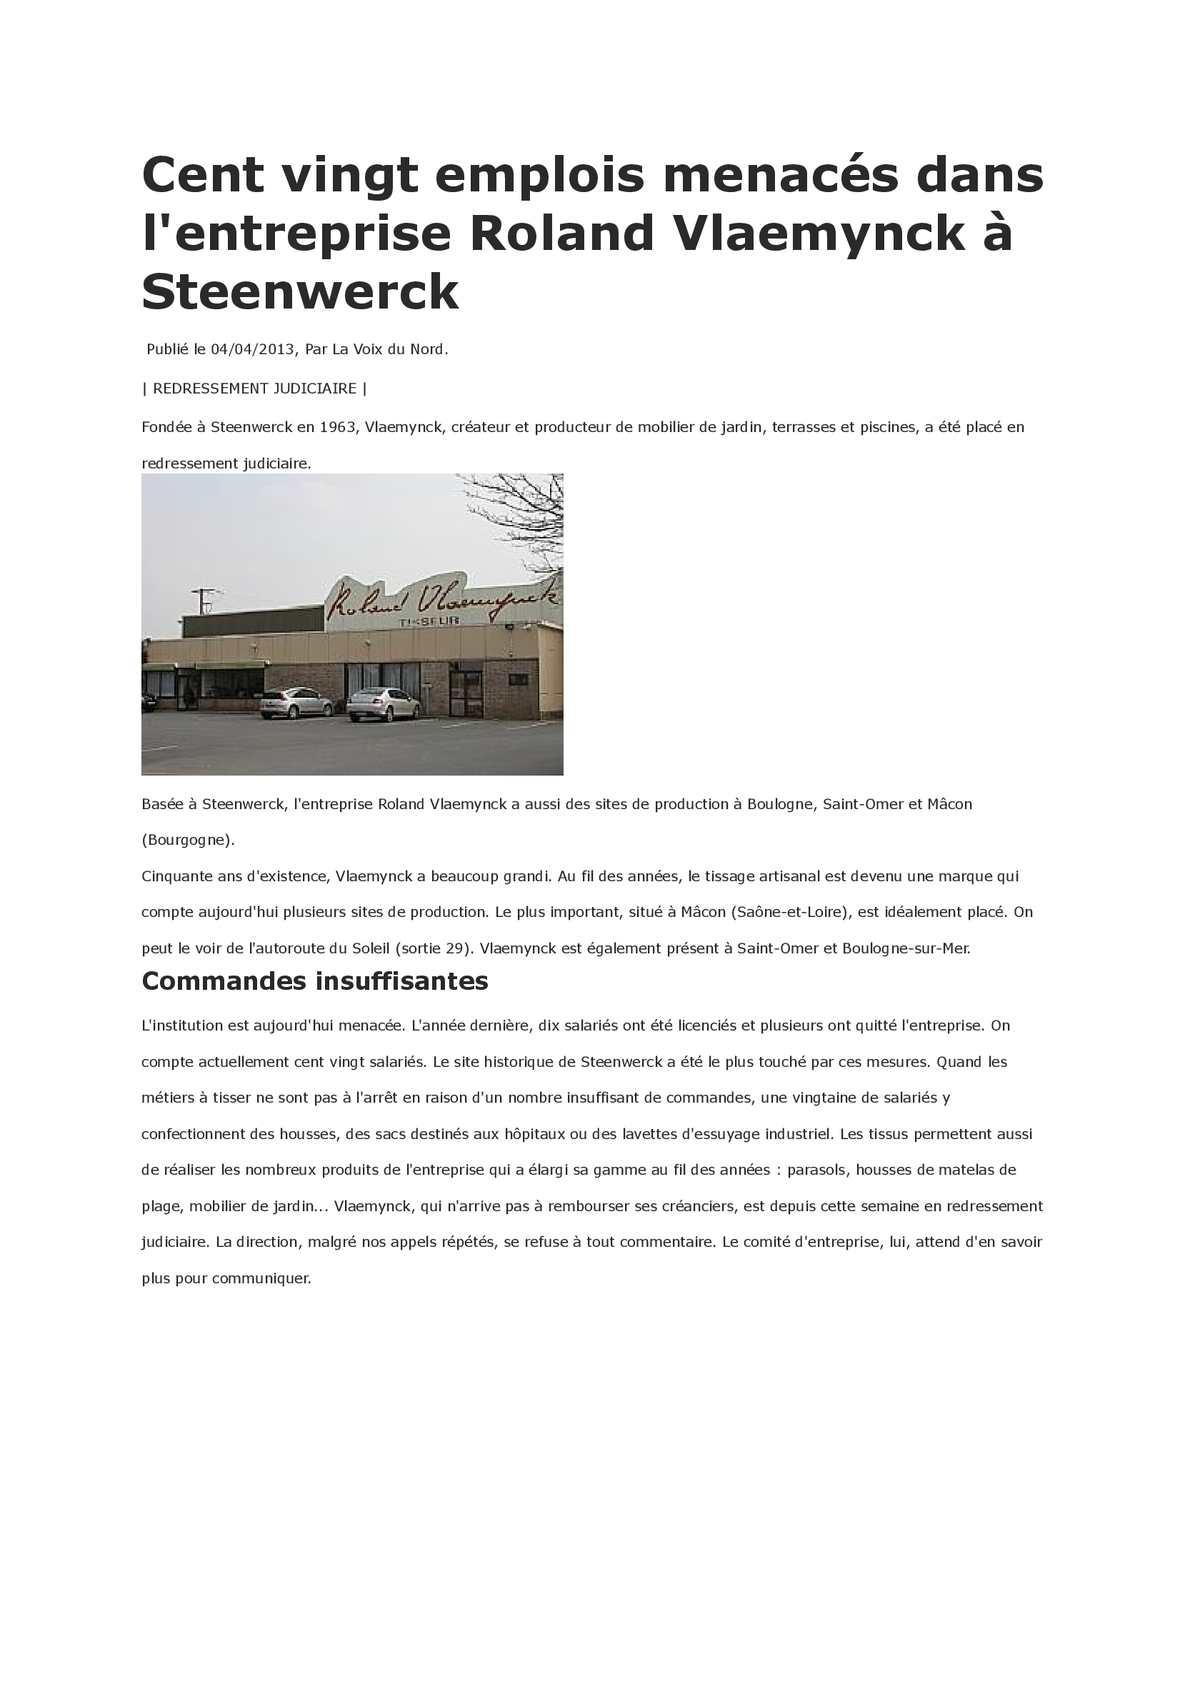 Calaméo - 120 Licenciements Pour Le Tissage Roland Wlaemynck ... serapportantà Mobilier De Jardin Vlaemynck